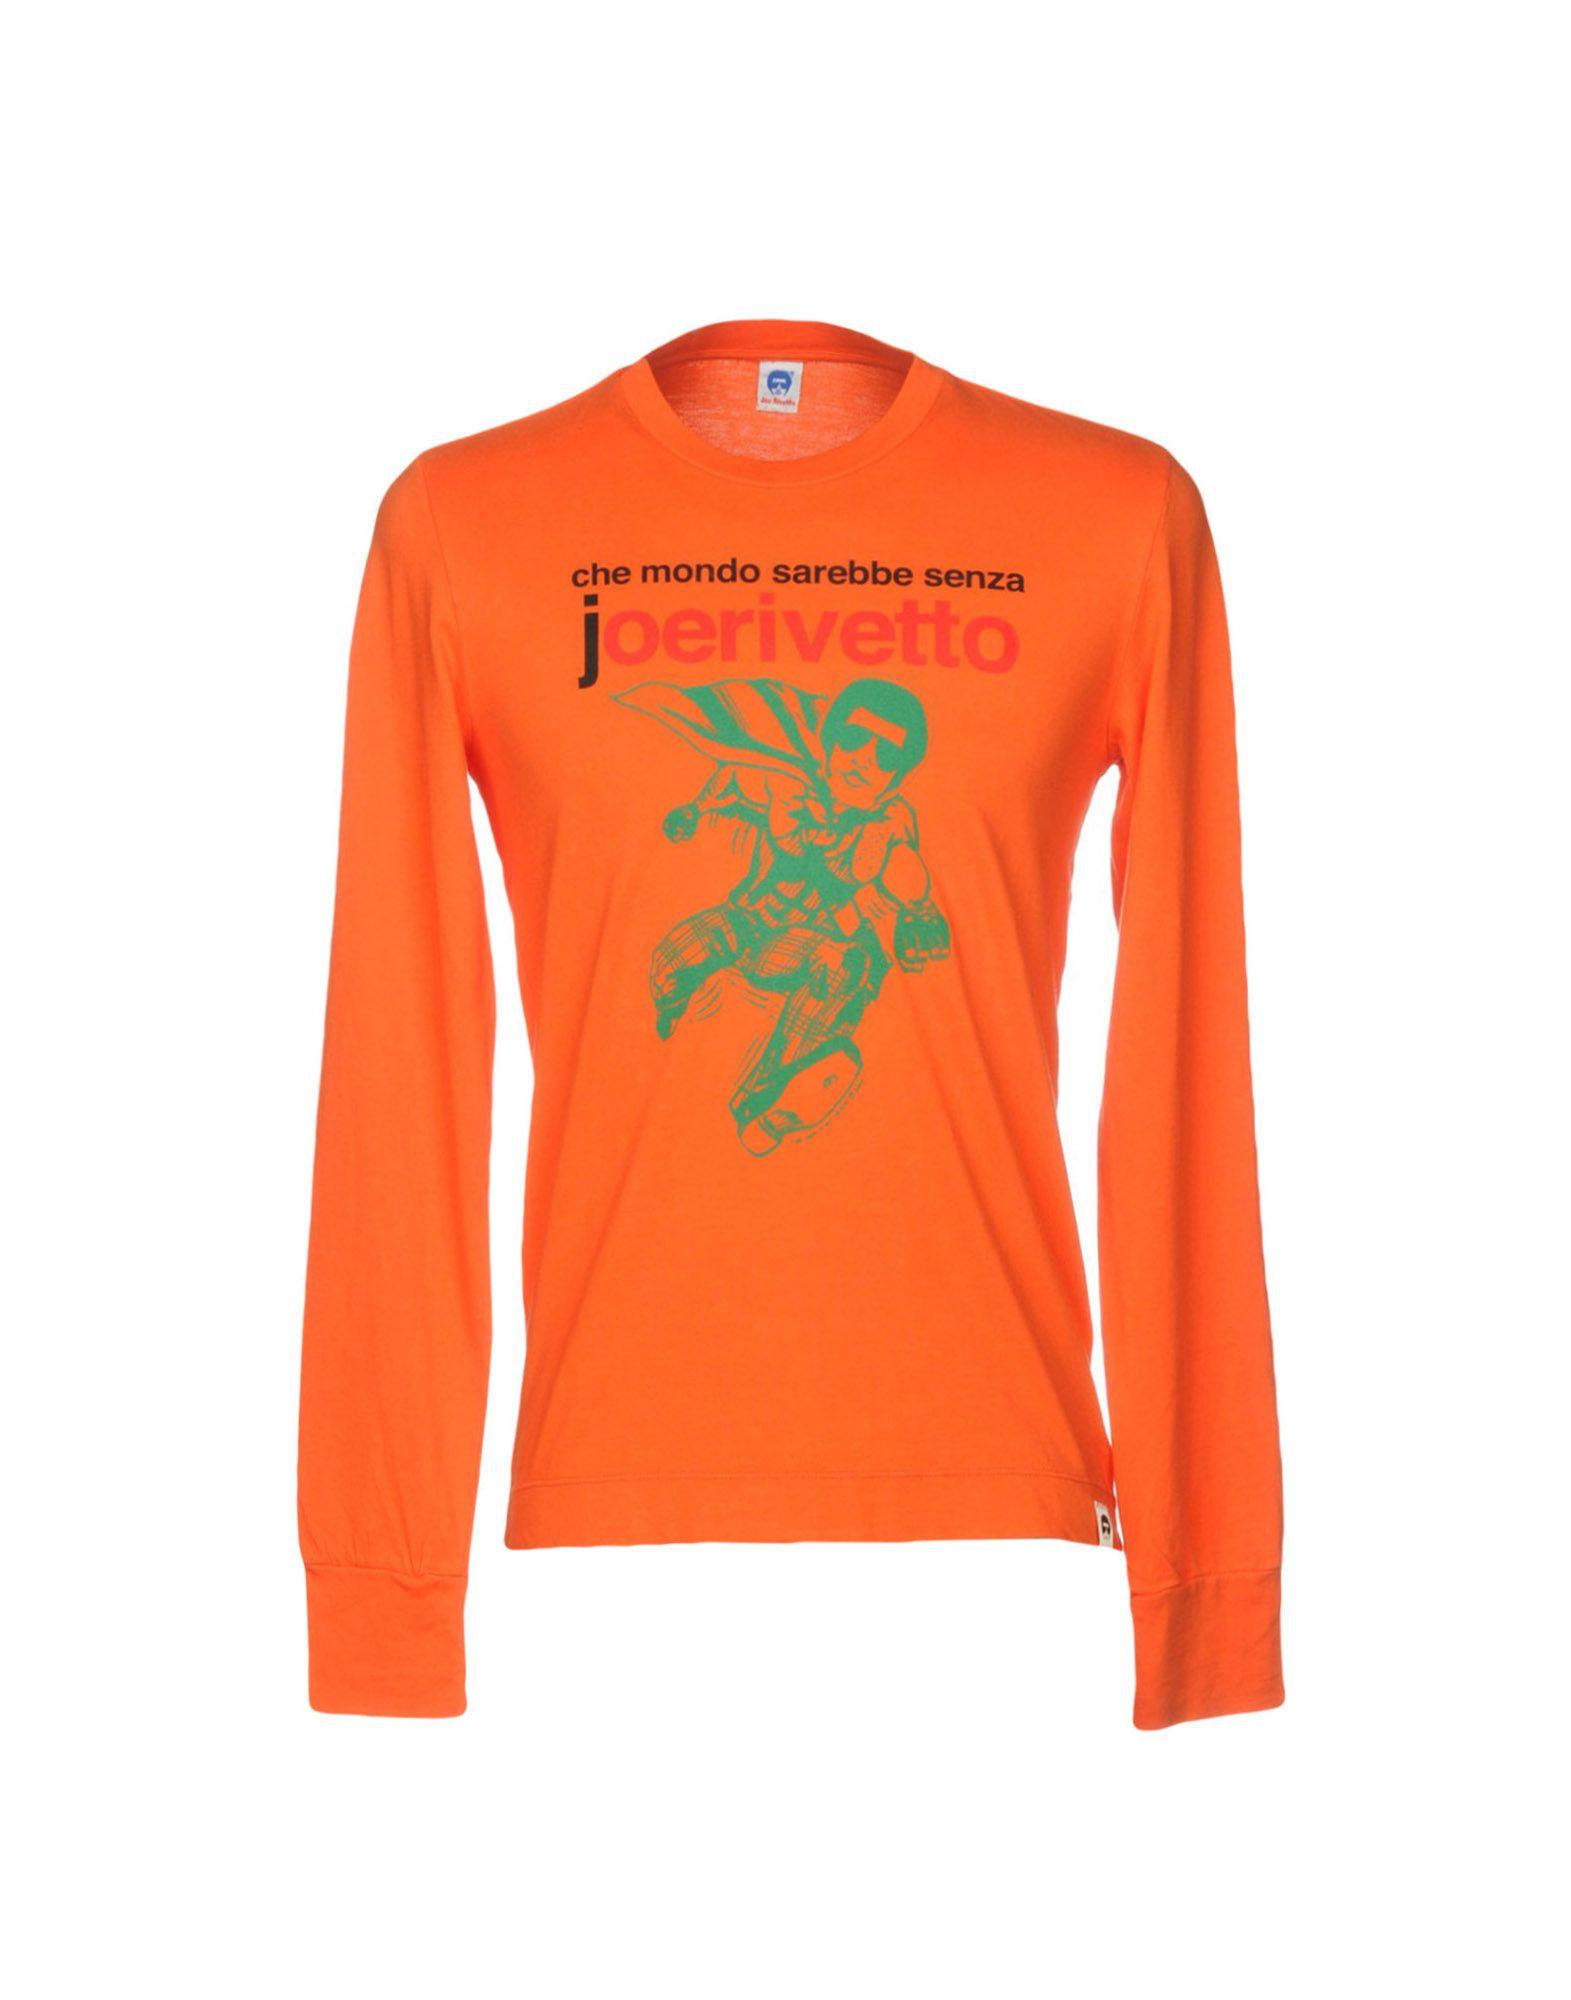 《送料無料》JOE RIVETTO メンズ T シャツ オレンジ S コットン 100%